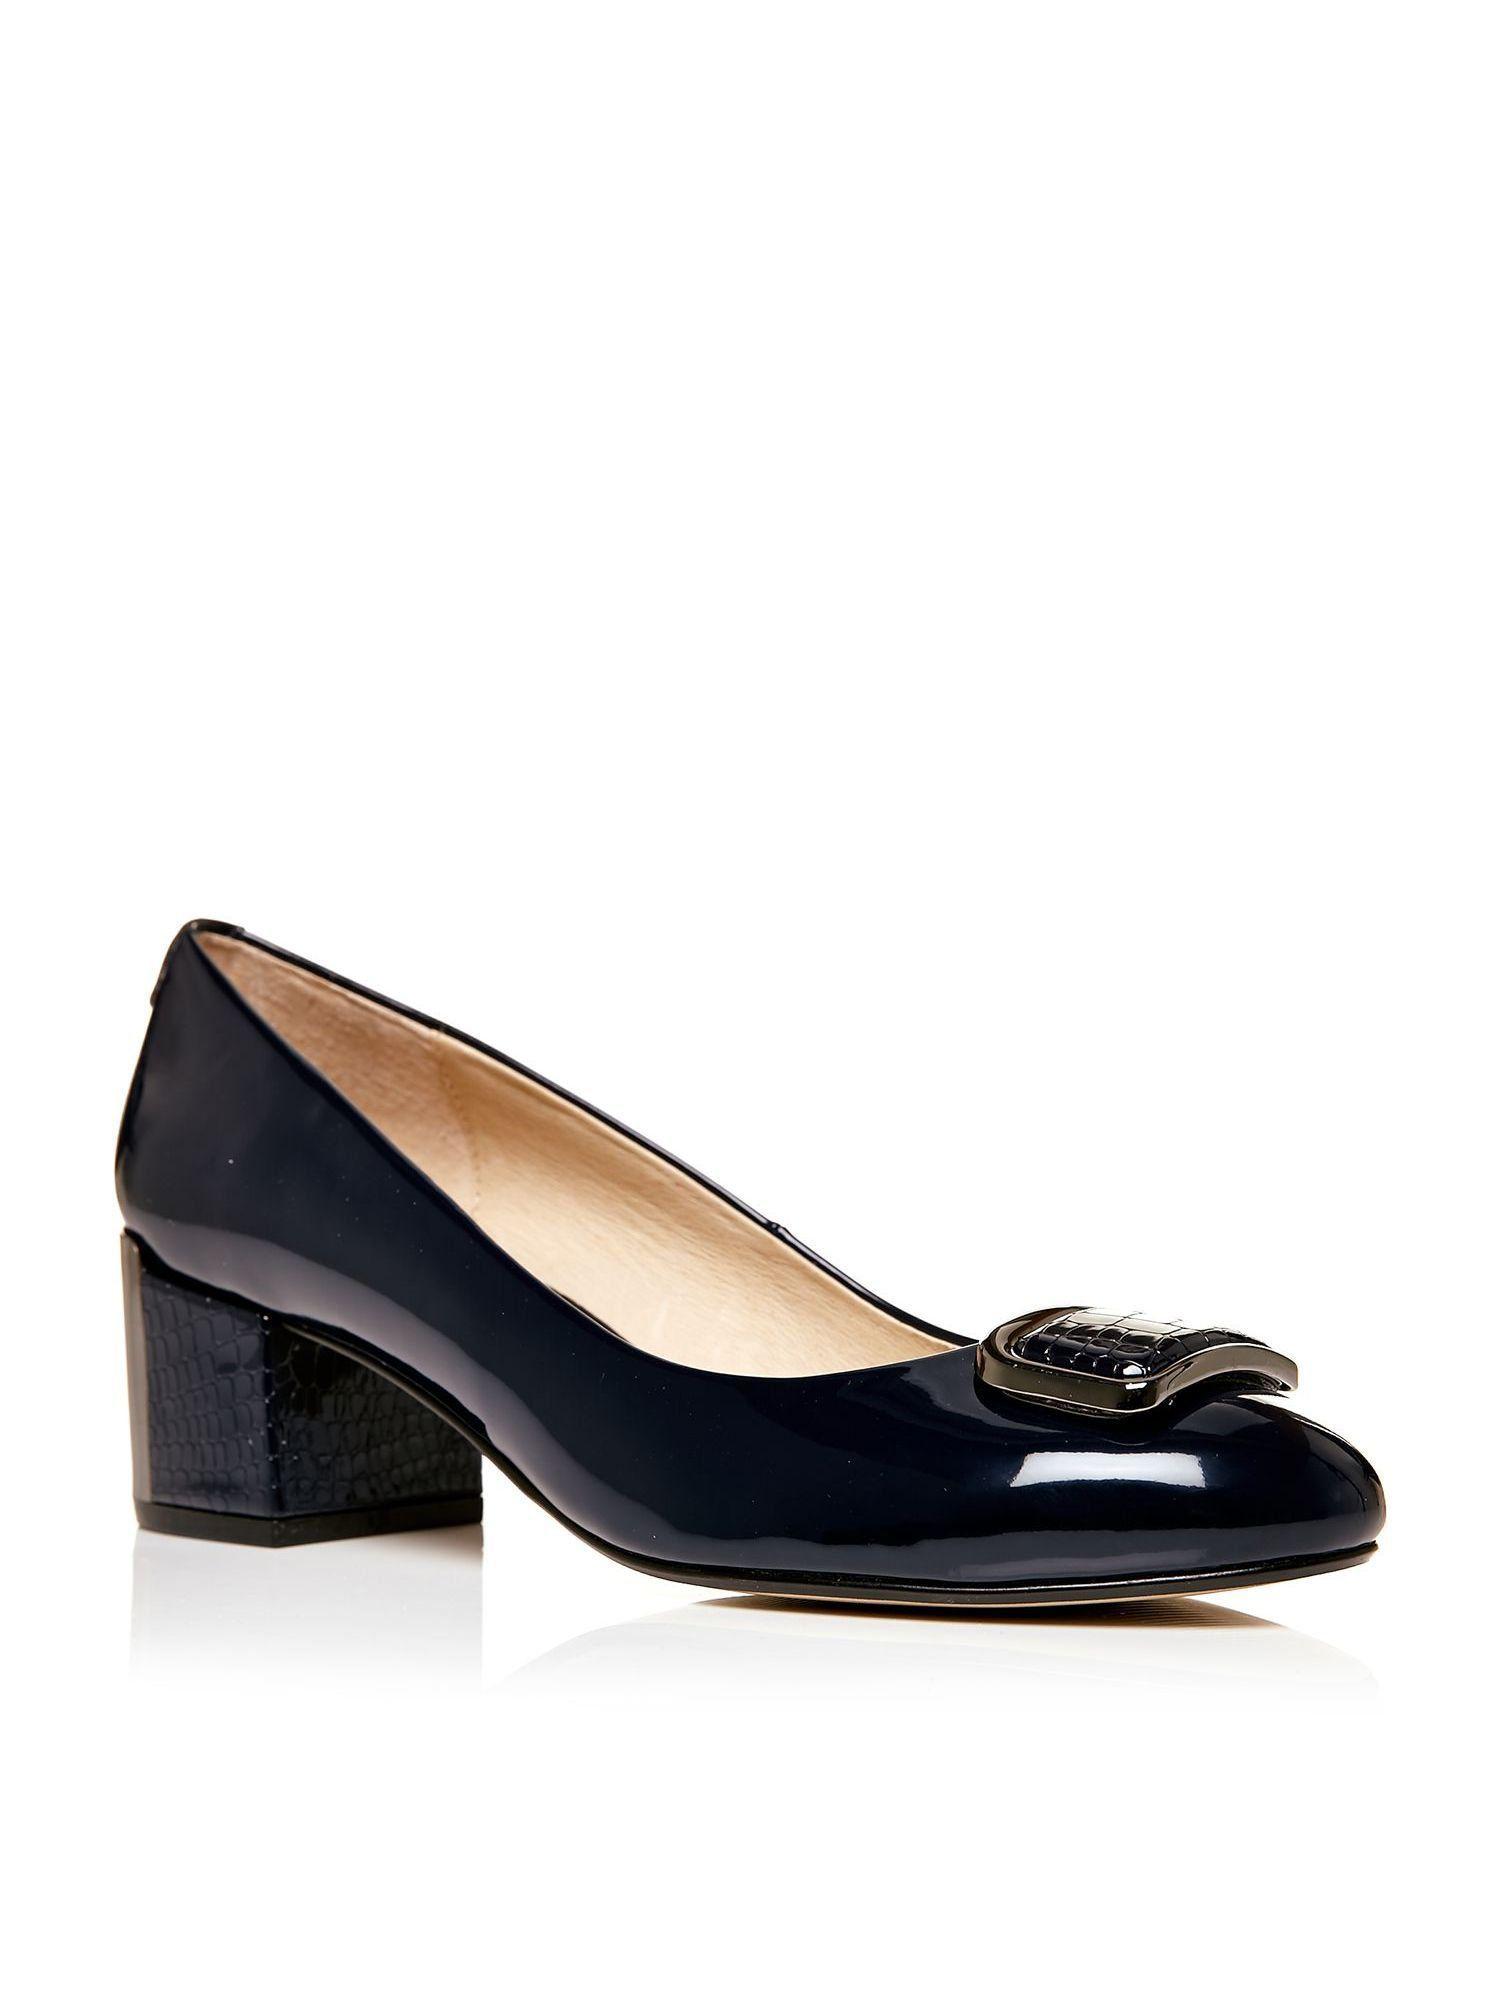 Moda in Pelle Camissa mid block heel court shoes, Navy